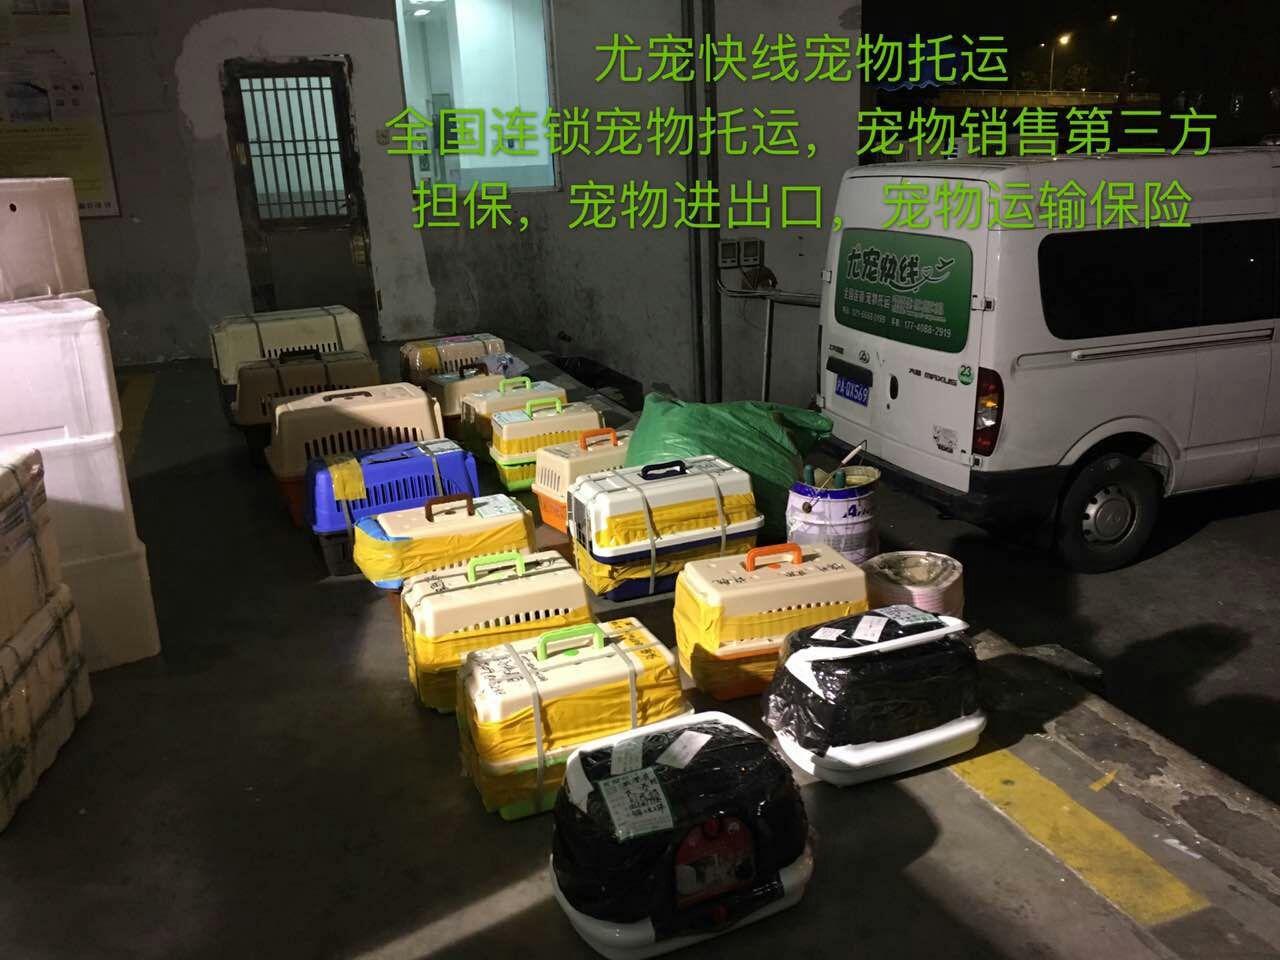 重庆宠物托运公司托运货物展示